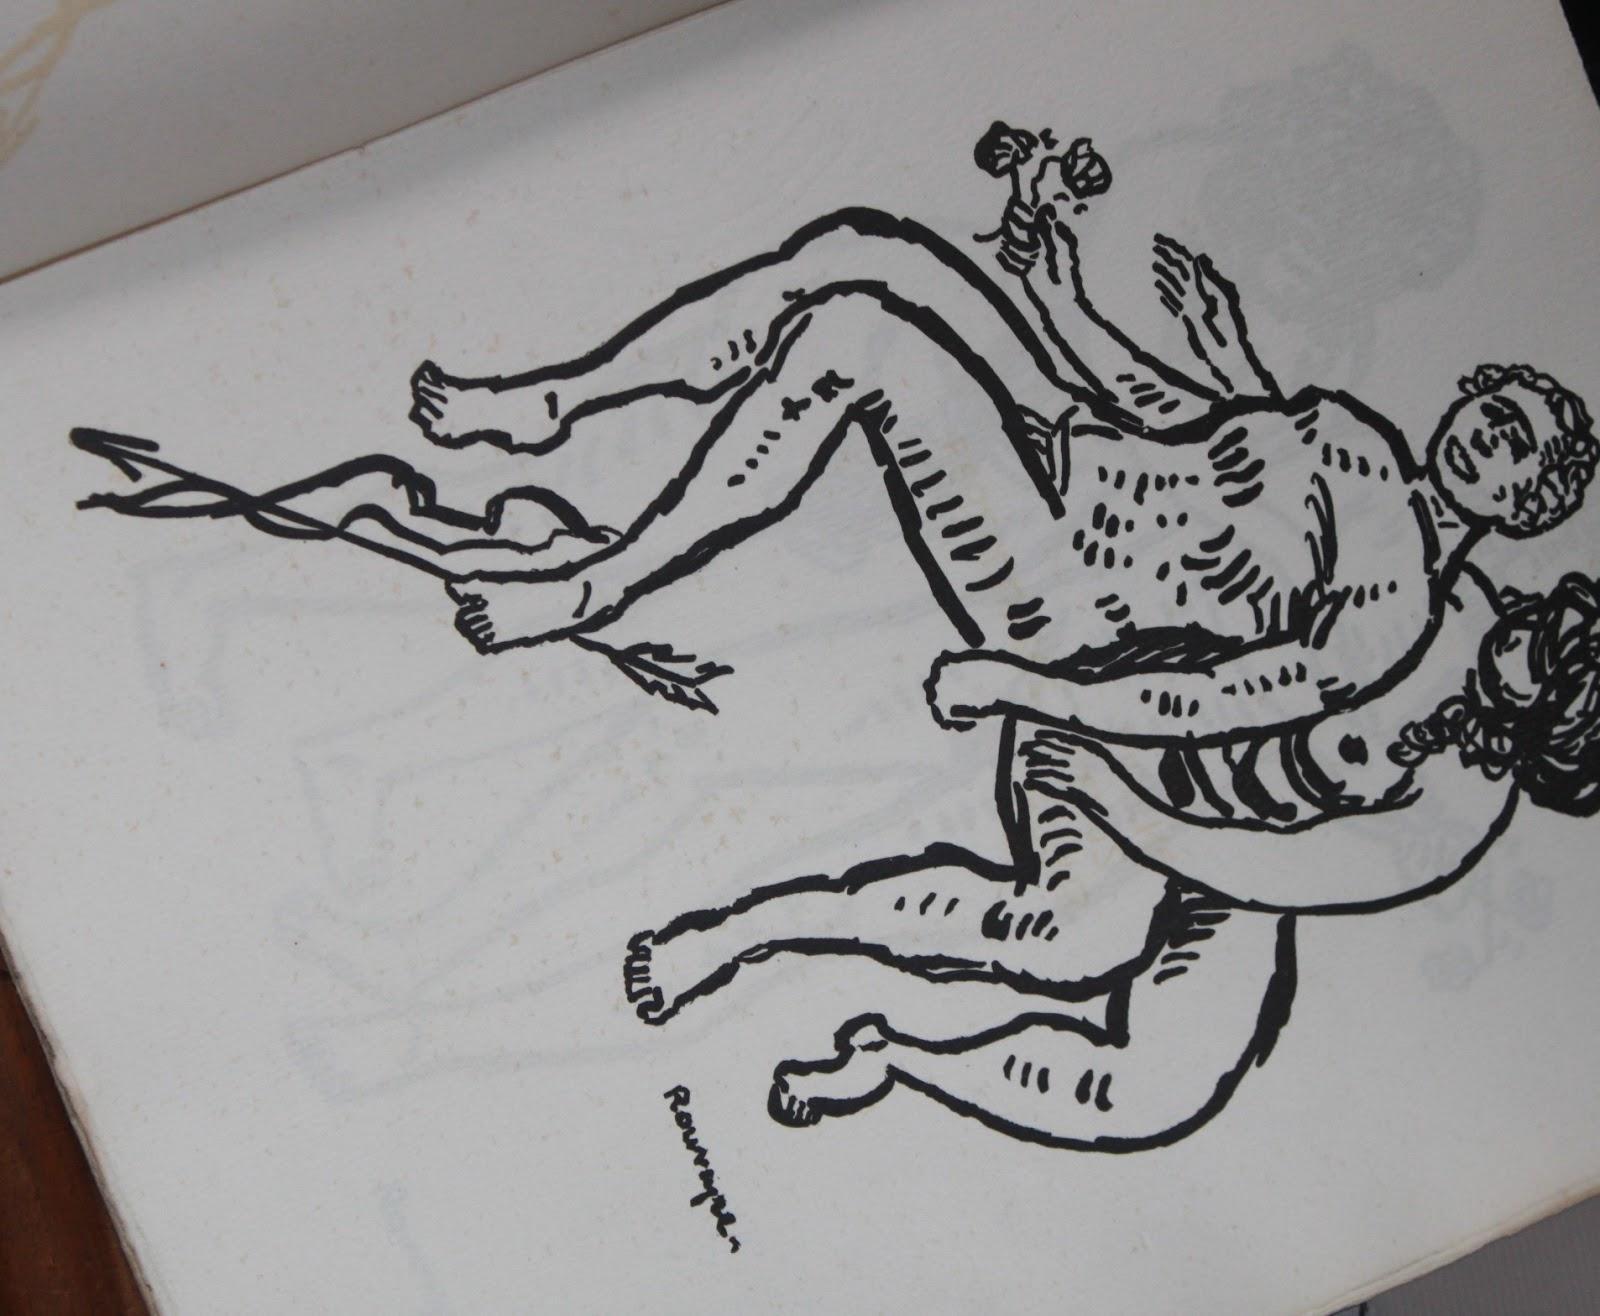 Dessins de rouveyre mort de l 39 amour avec en appendice une prose de jean mor as par andr - Dessin de l amour ...